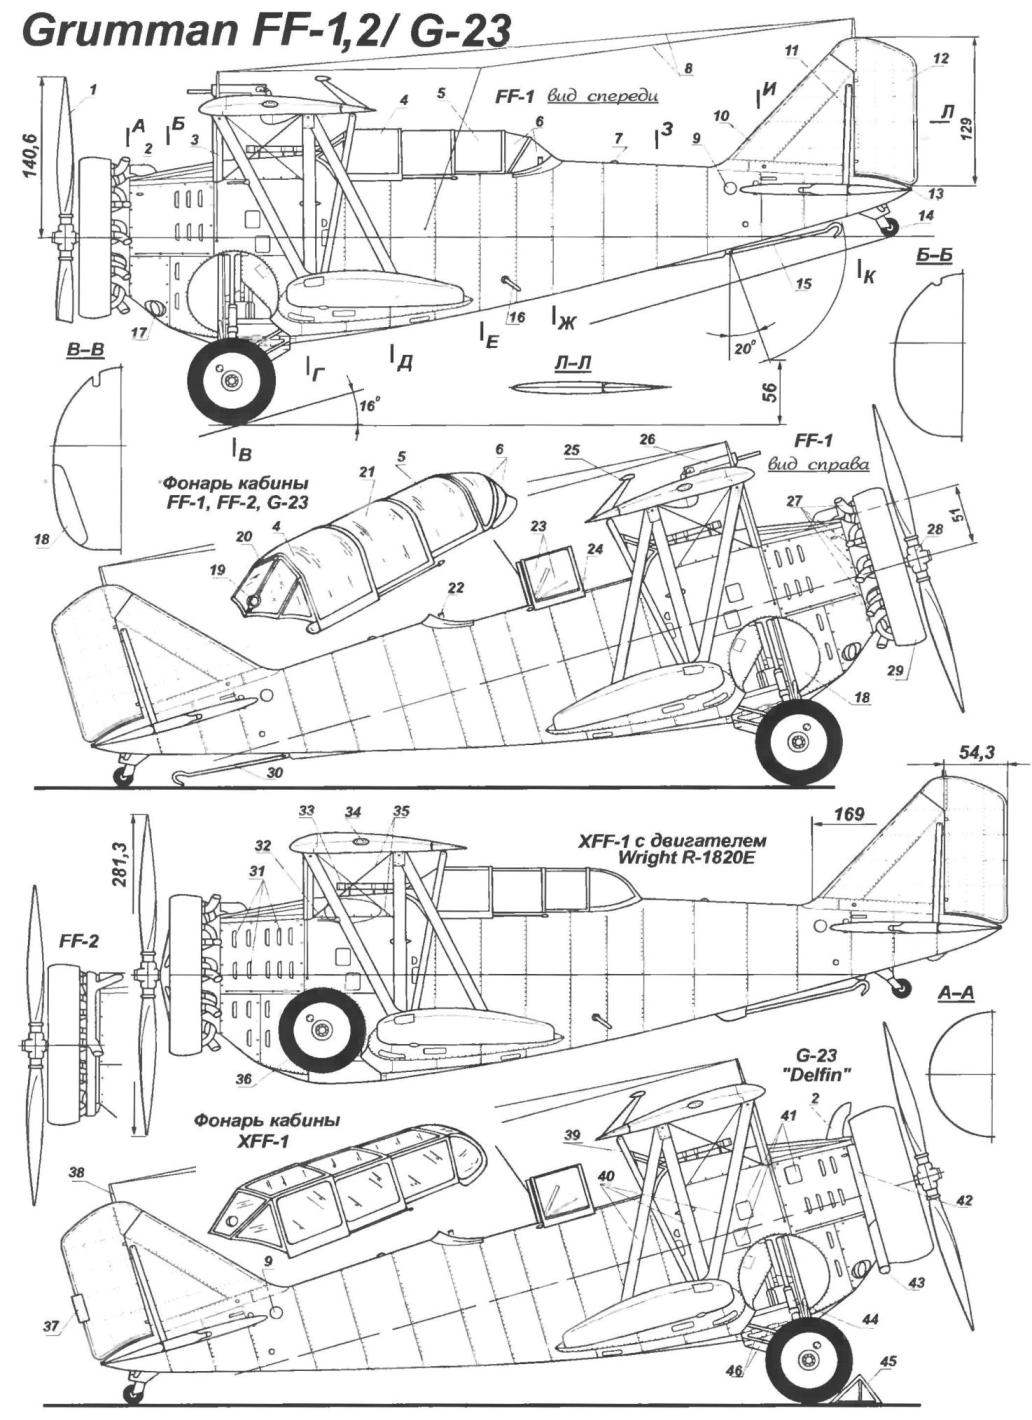 Истребитель FF-1